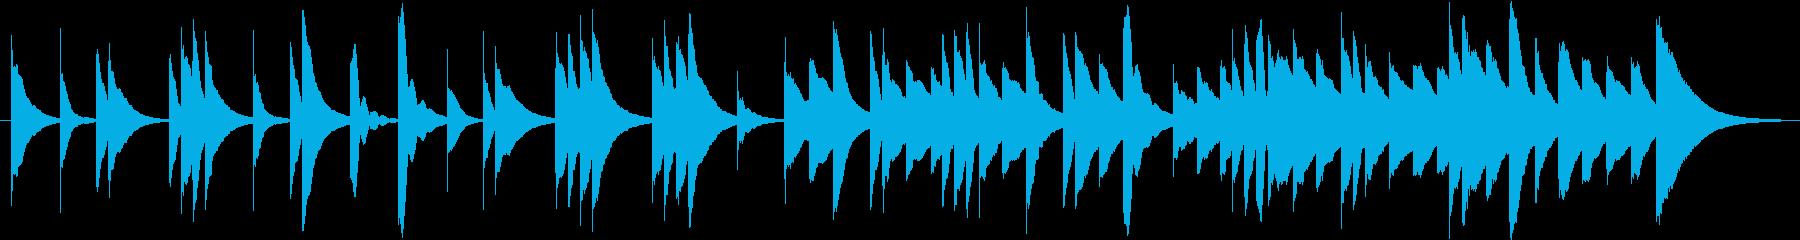 結婚式BGM_式の前日02の再生済みの波形